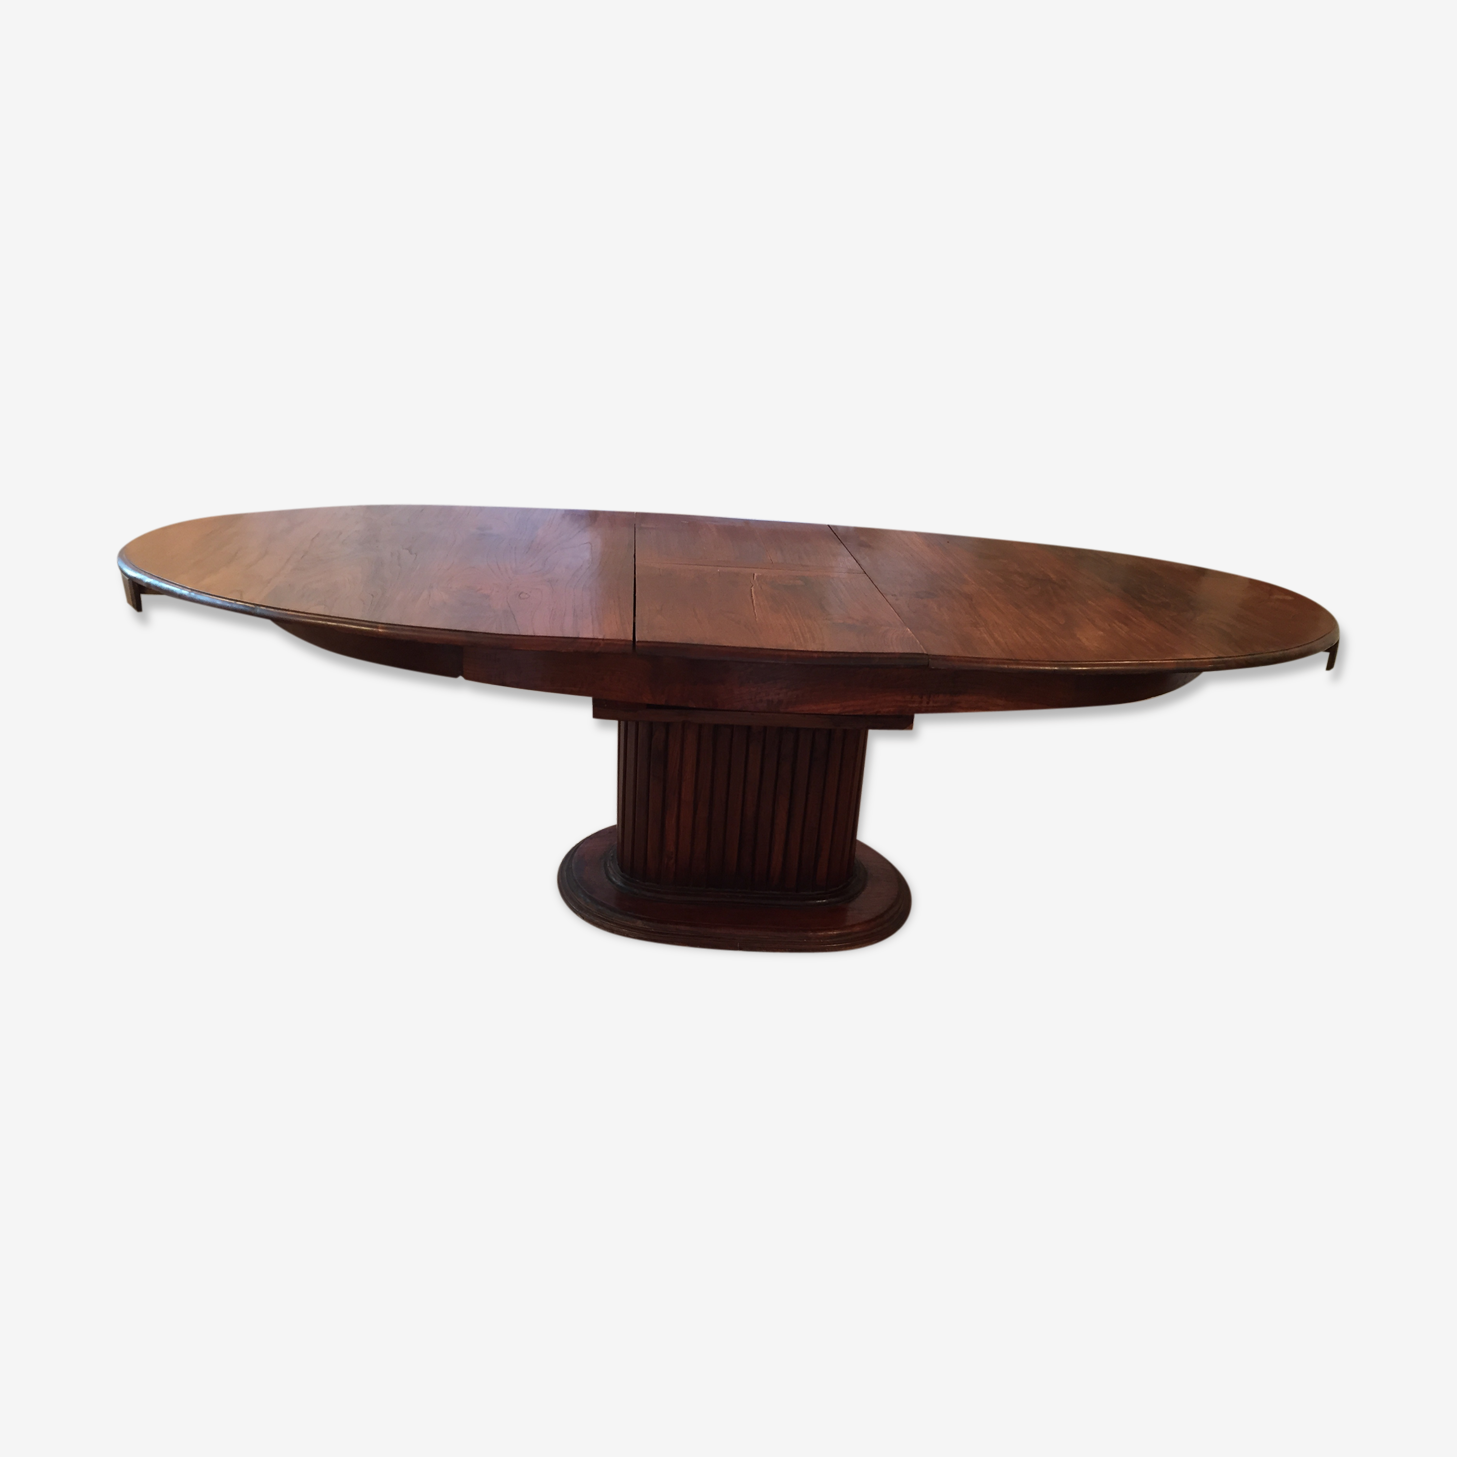 Table Ovale Ancienne Avec Rallonge Bois Materiau Bois Couleur